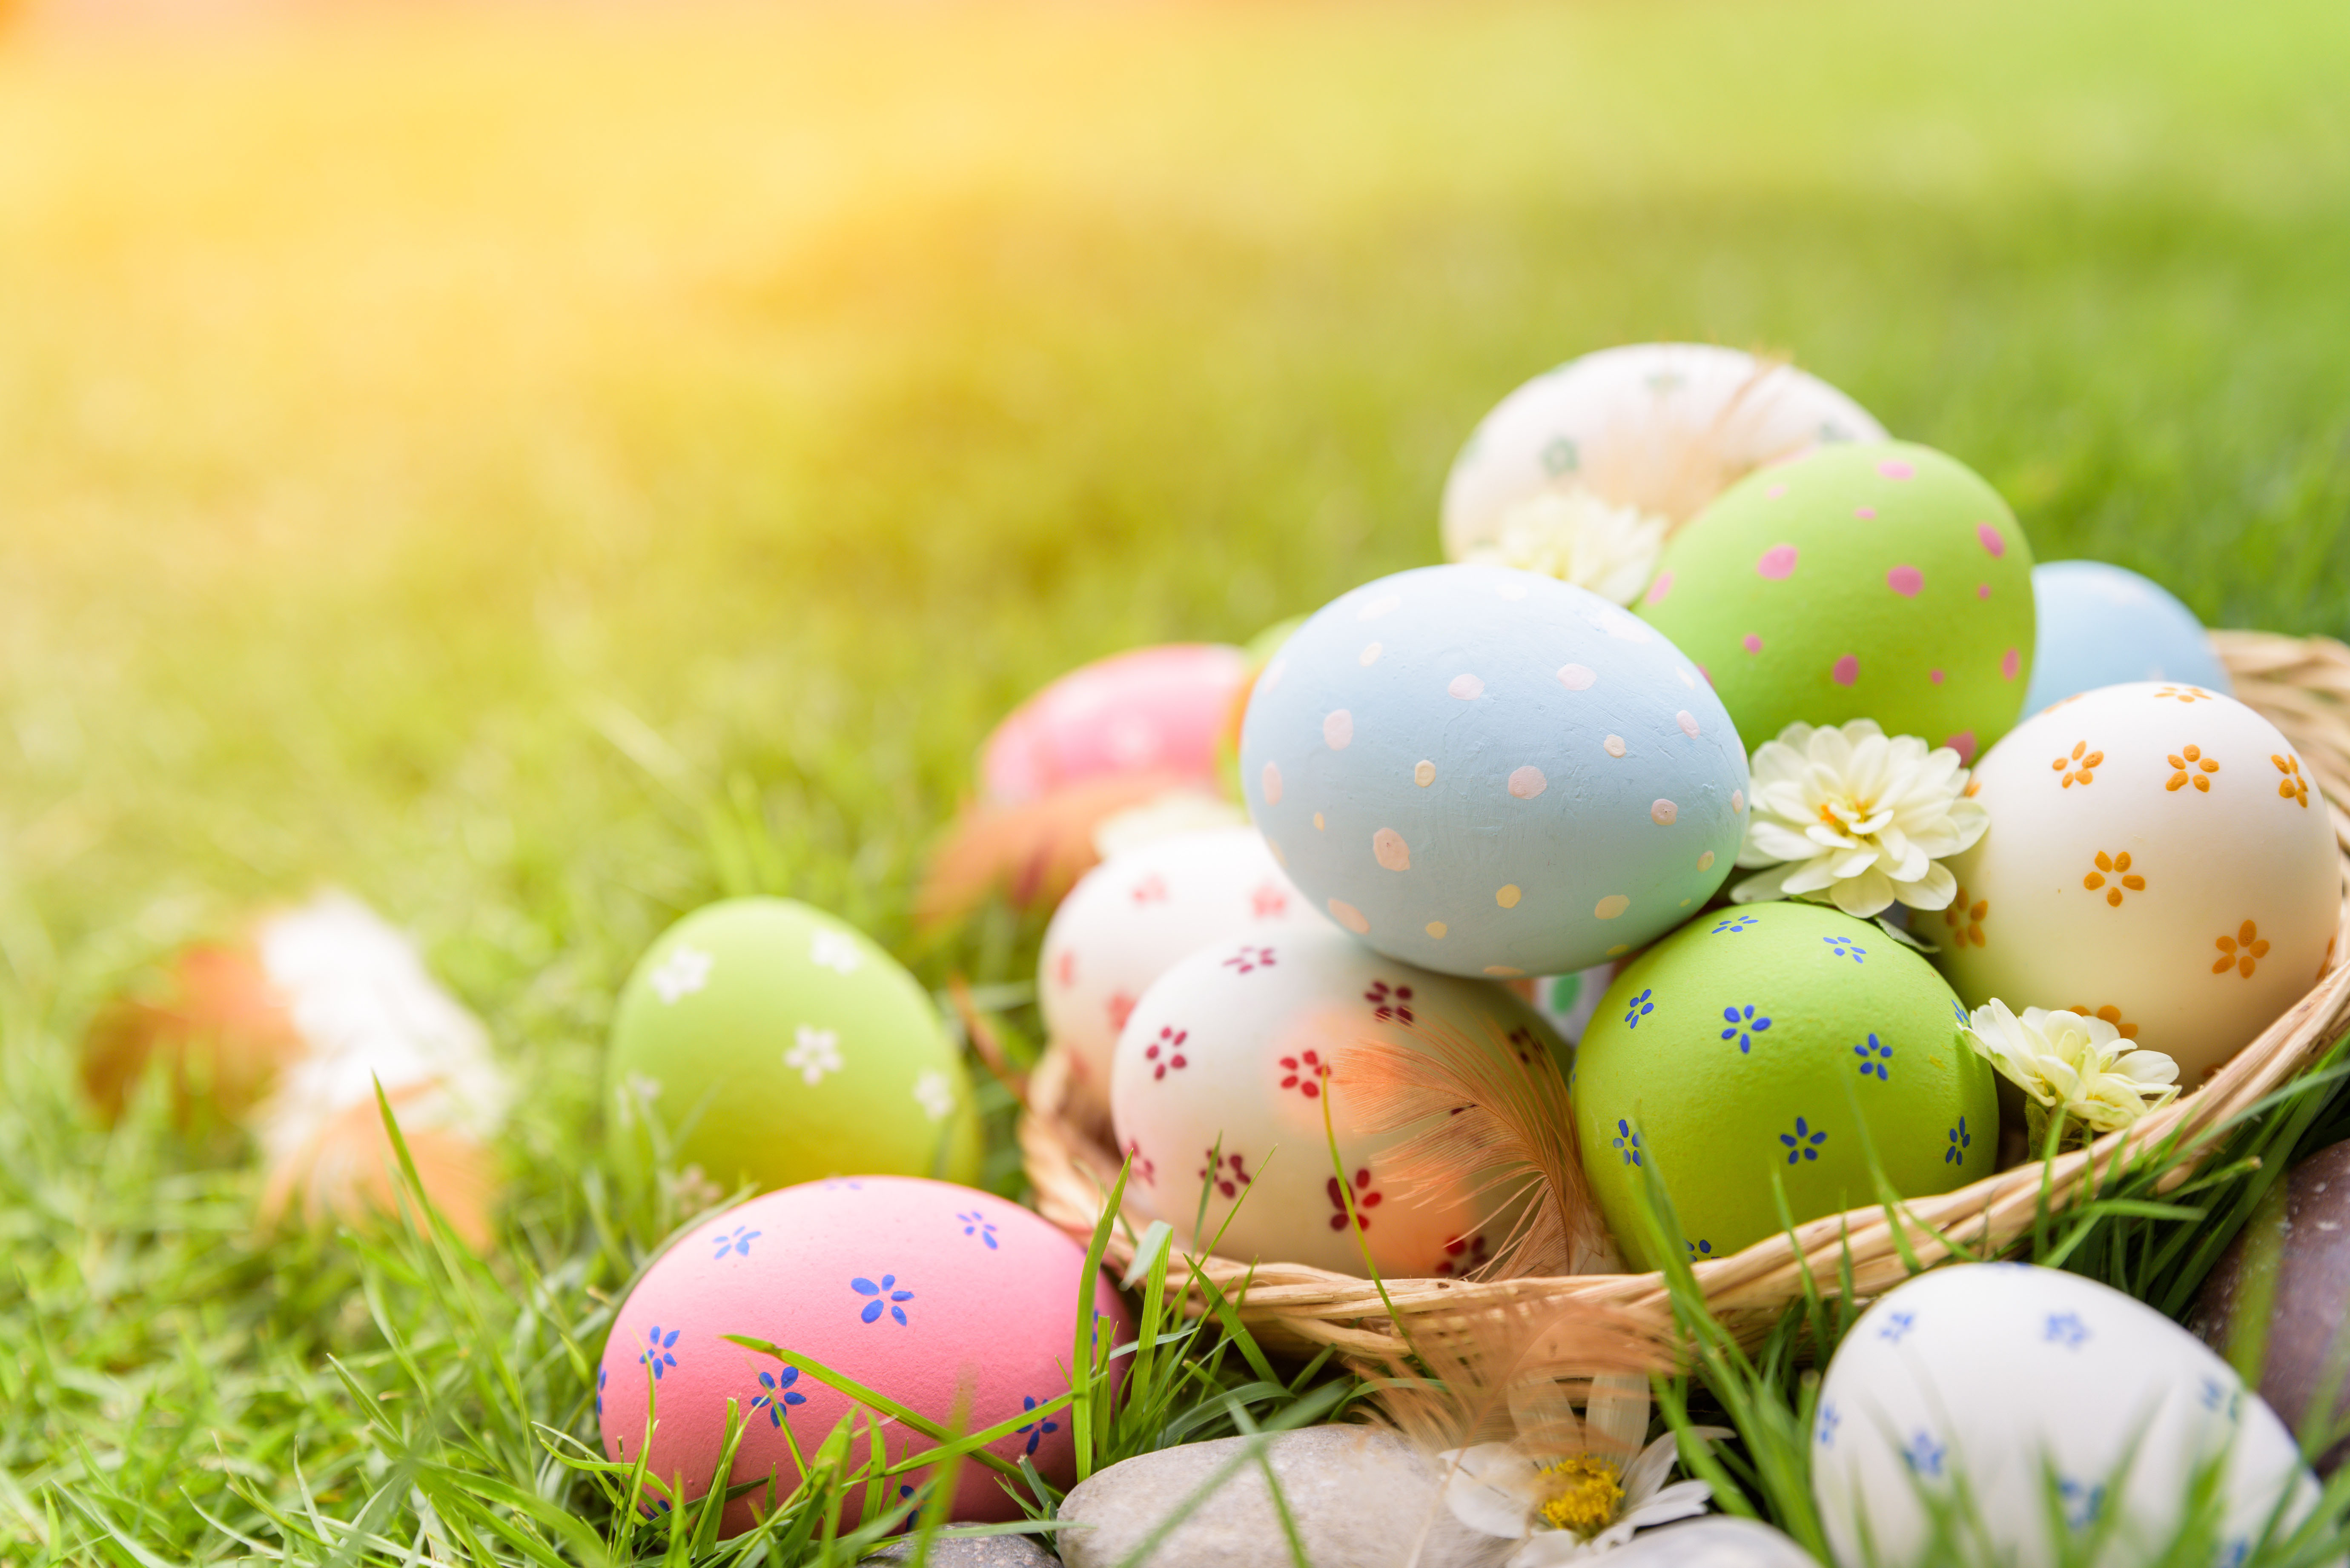 HDoboi.Kiev.ua - Пасхальные яйца в корзине, Пасха 2020, Христос Воскрес